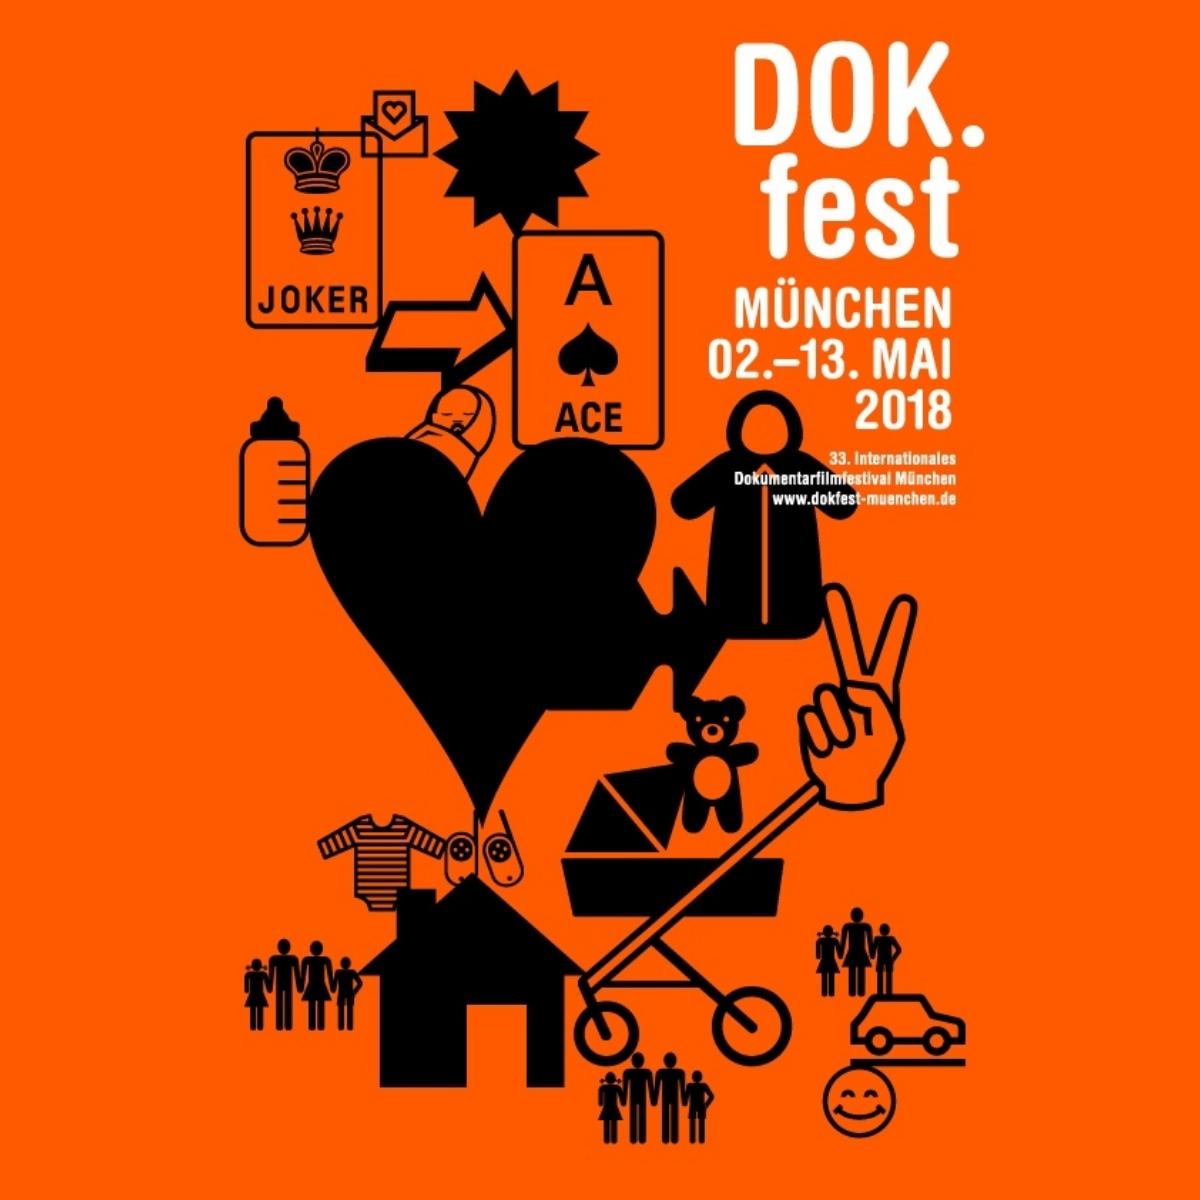 DOK.fest München 2018